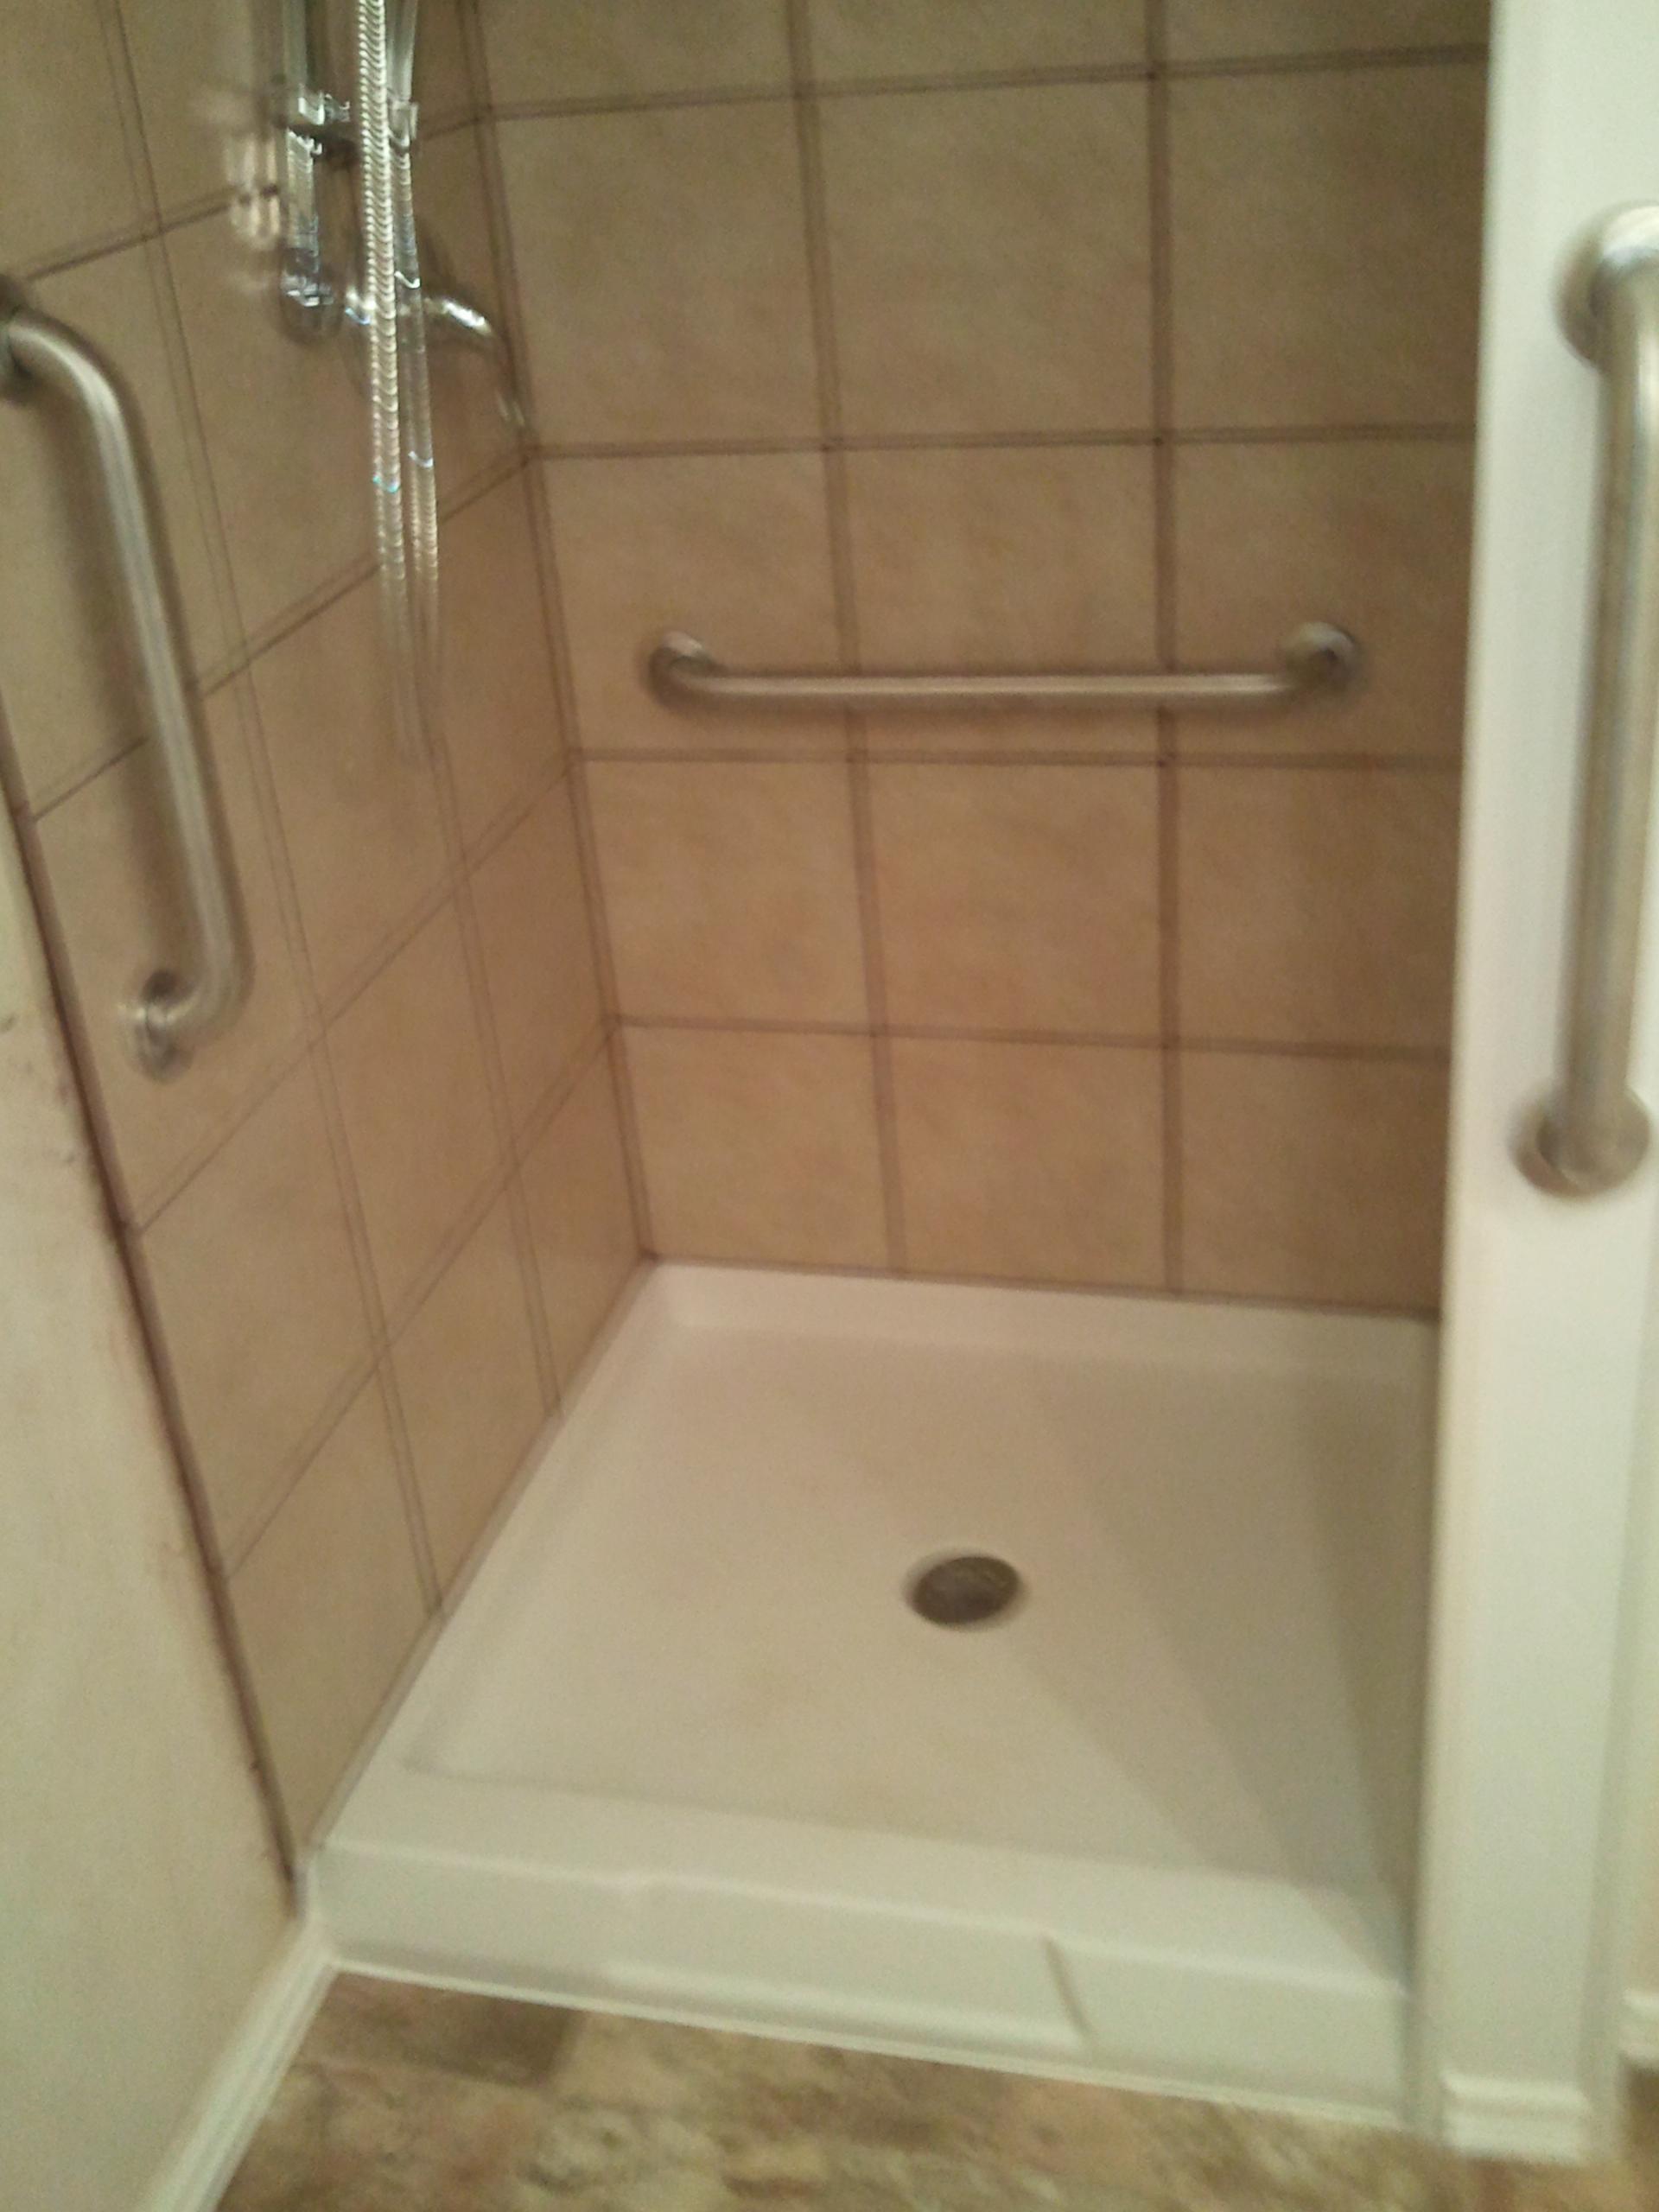 Showerpan / Tub